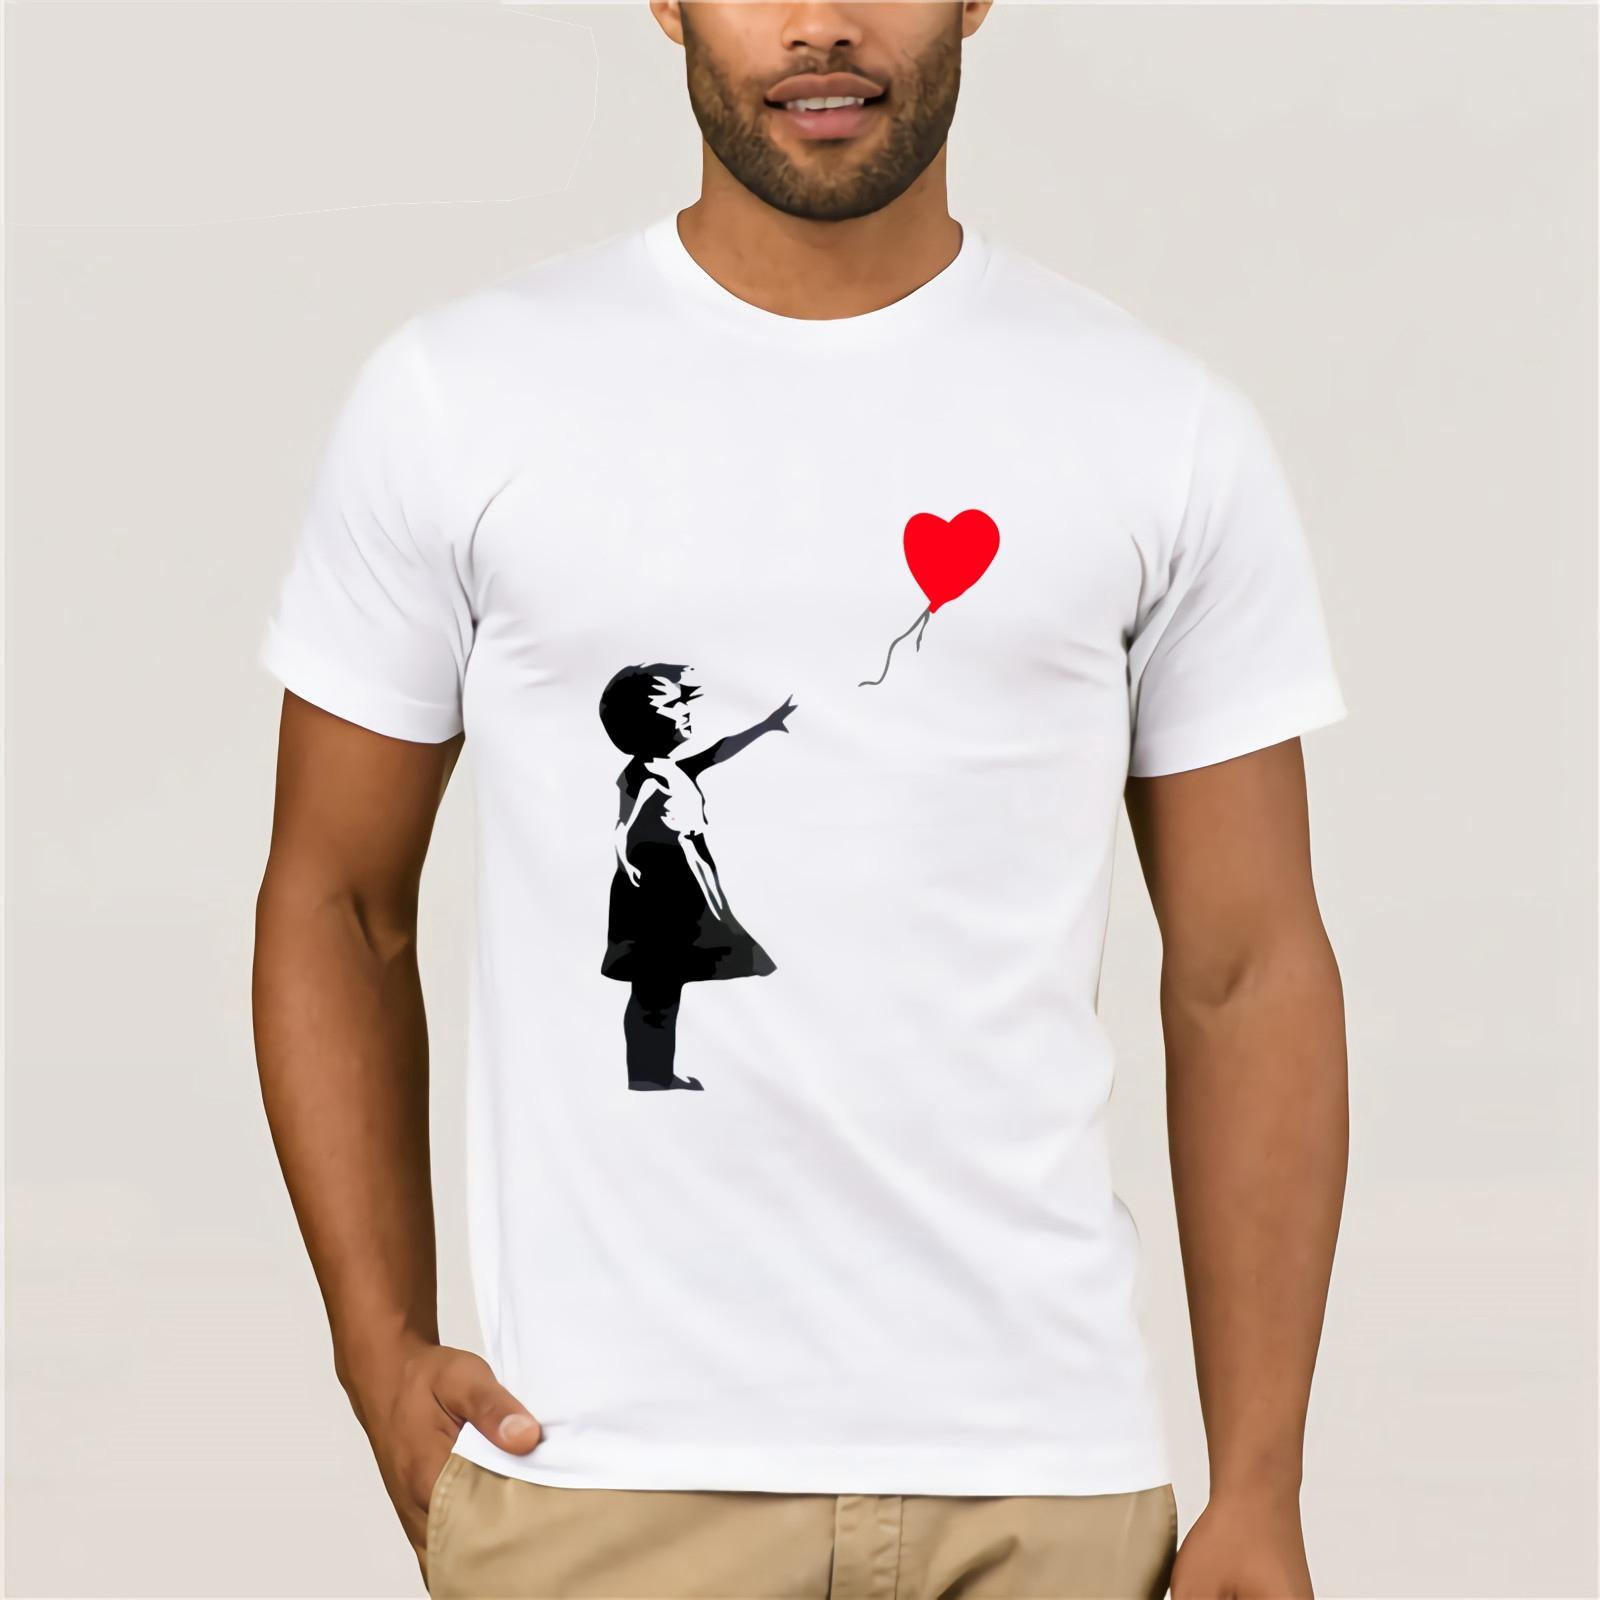 Banksy Kız Balon Gömlek Kişilik 2020 Erkek Otantik Tişört Temel Katı Trend Tişört Kısa Kollu Tees İçin Erkekler Üstler